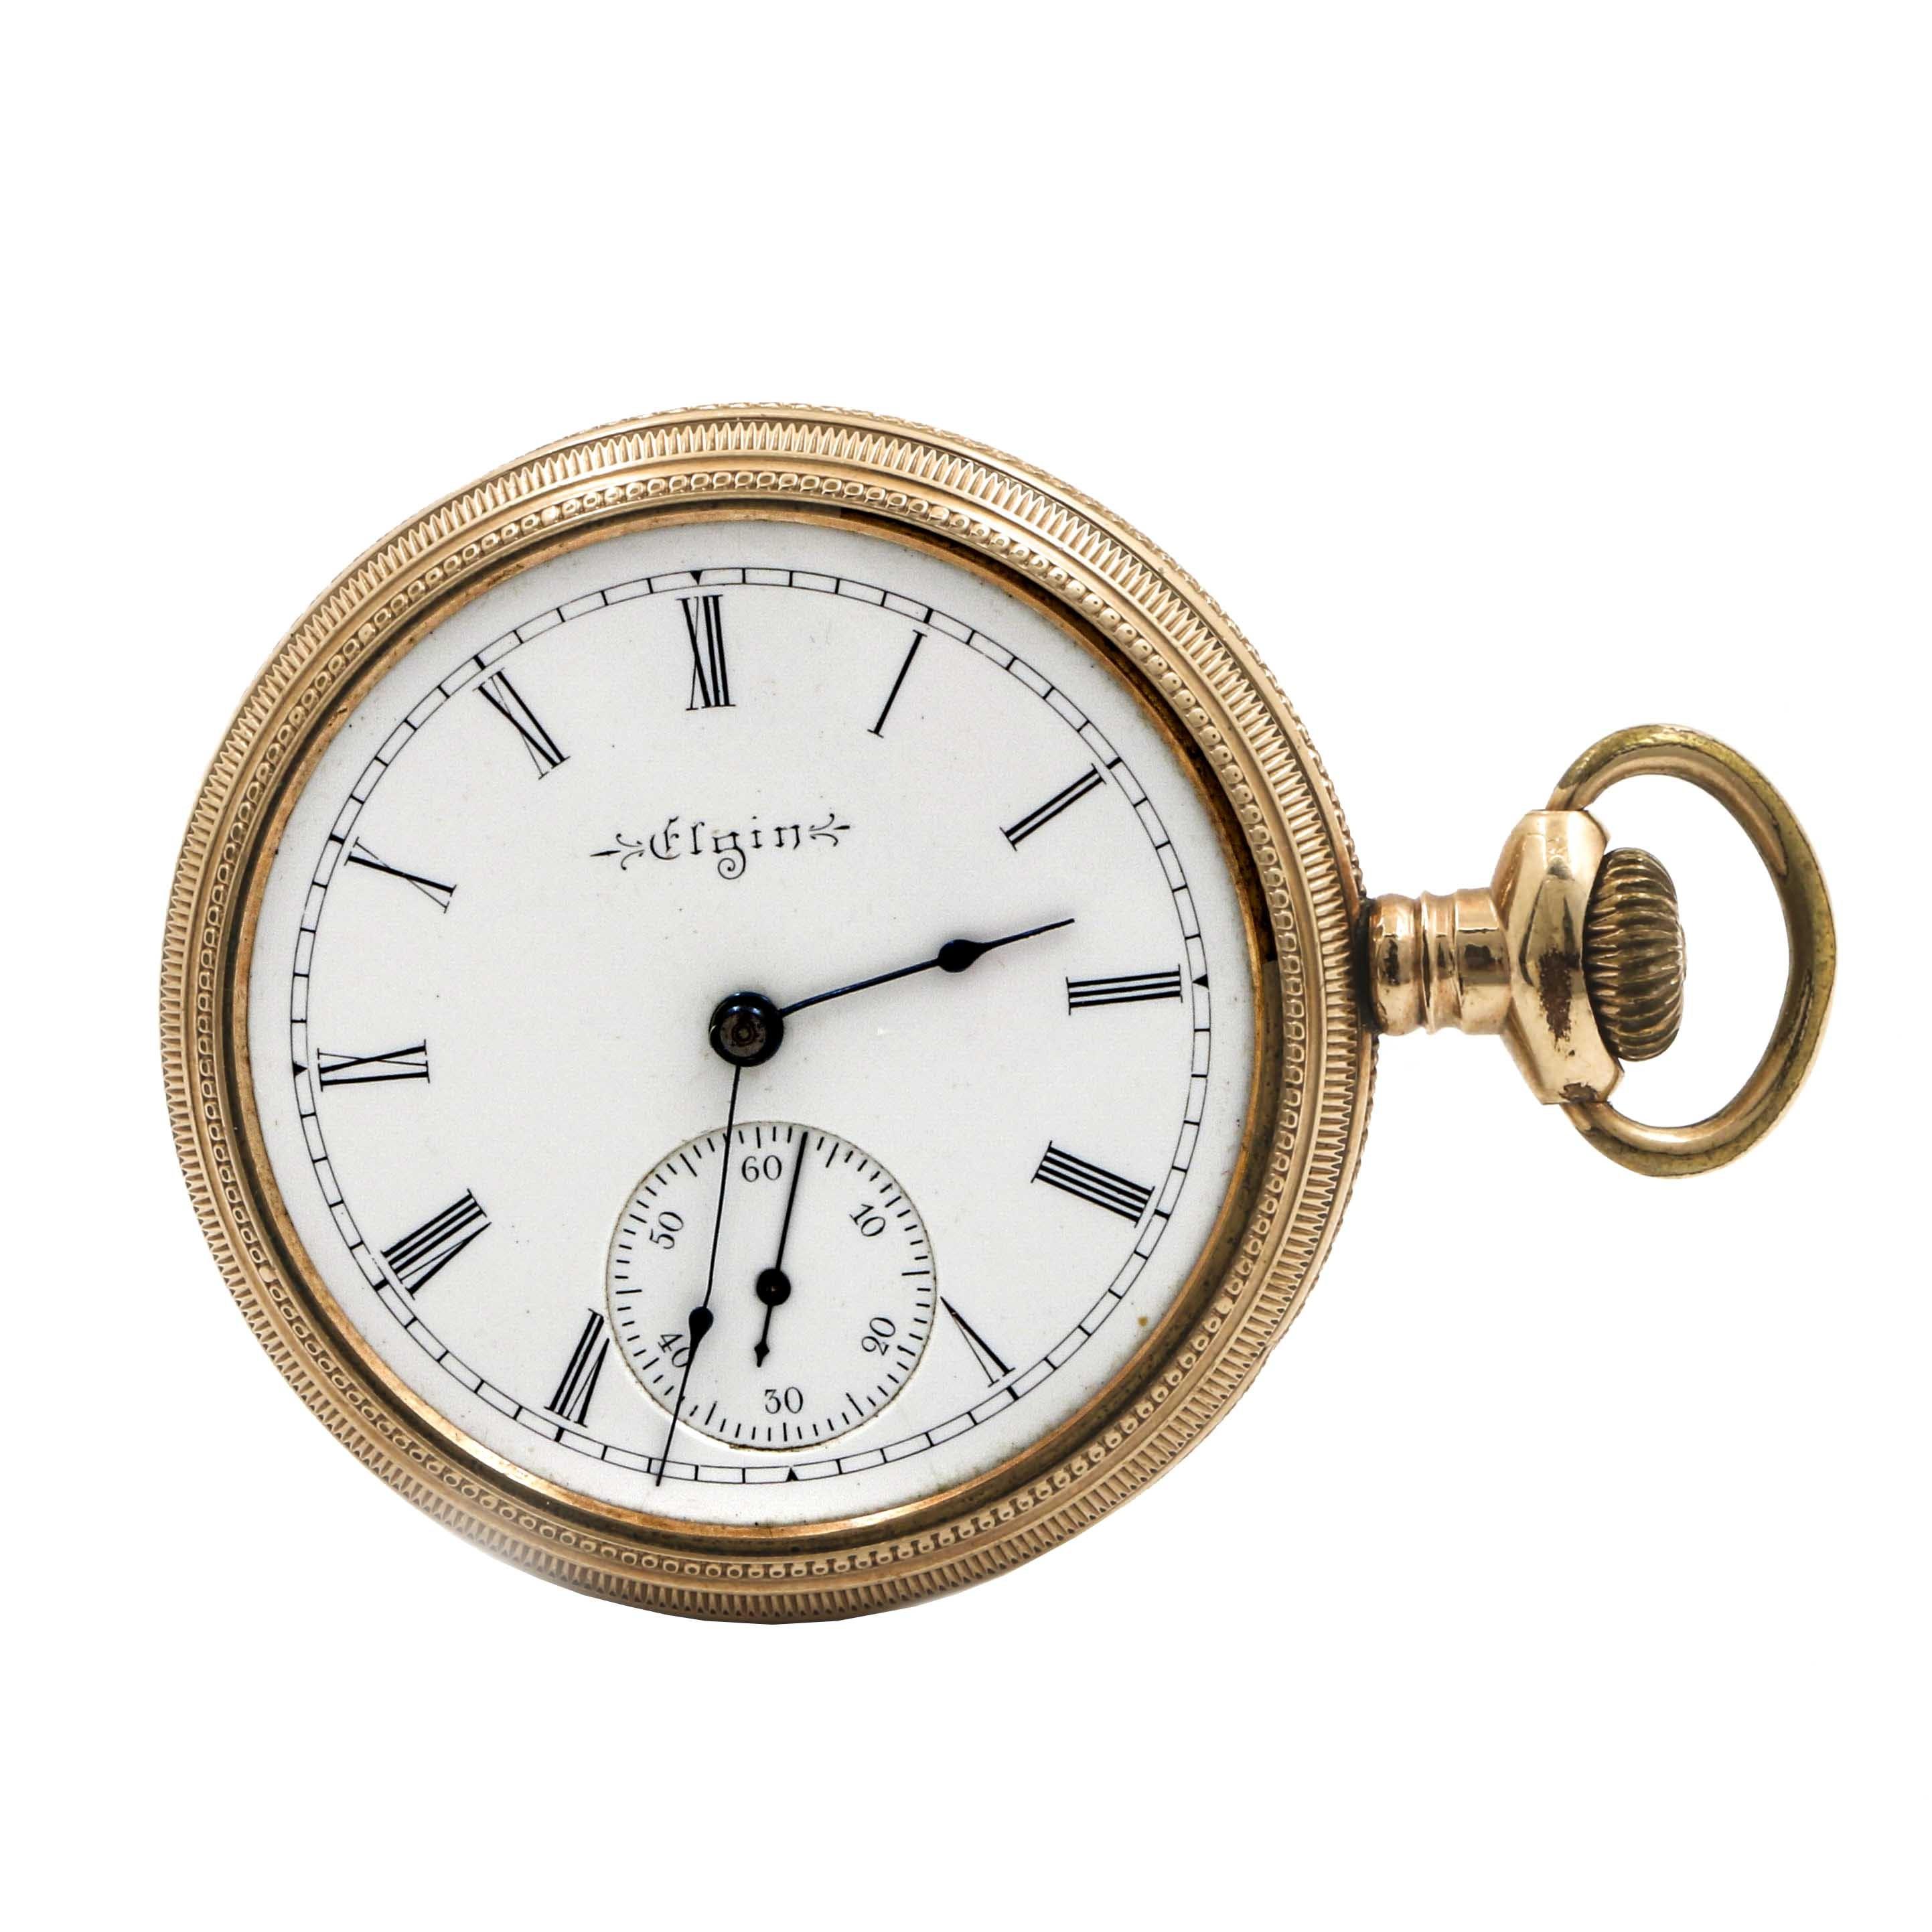 Antique Elgin Sidewinder Pocket Watch